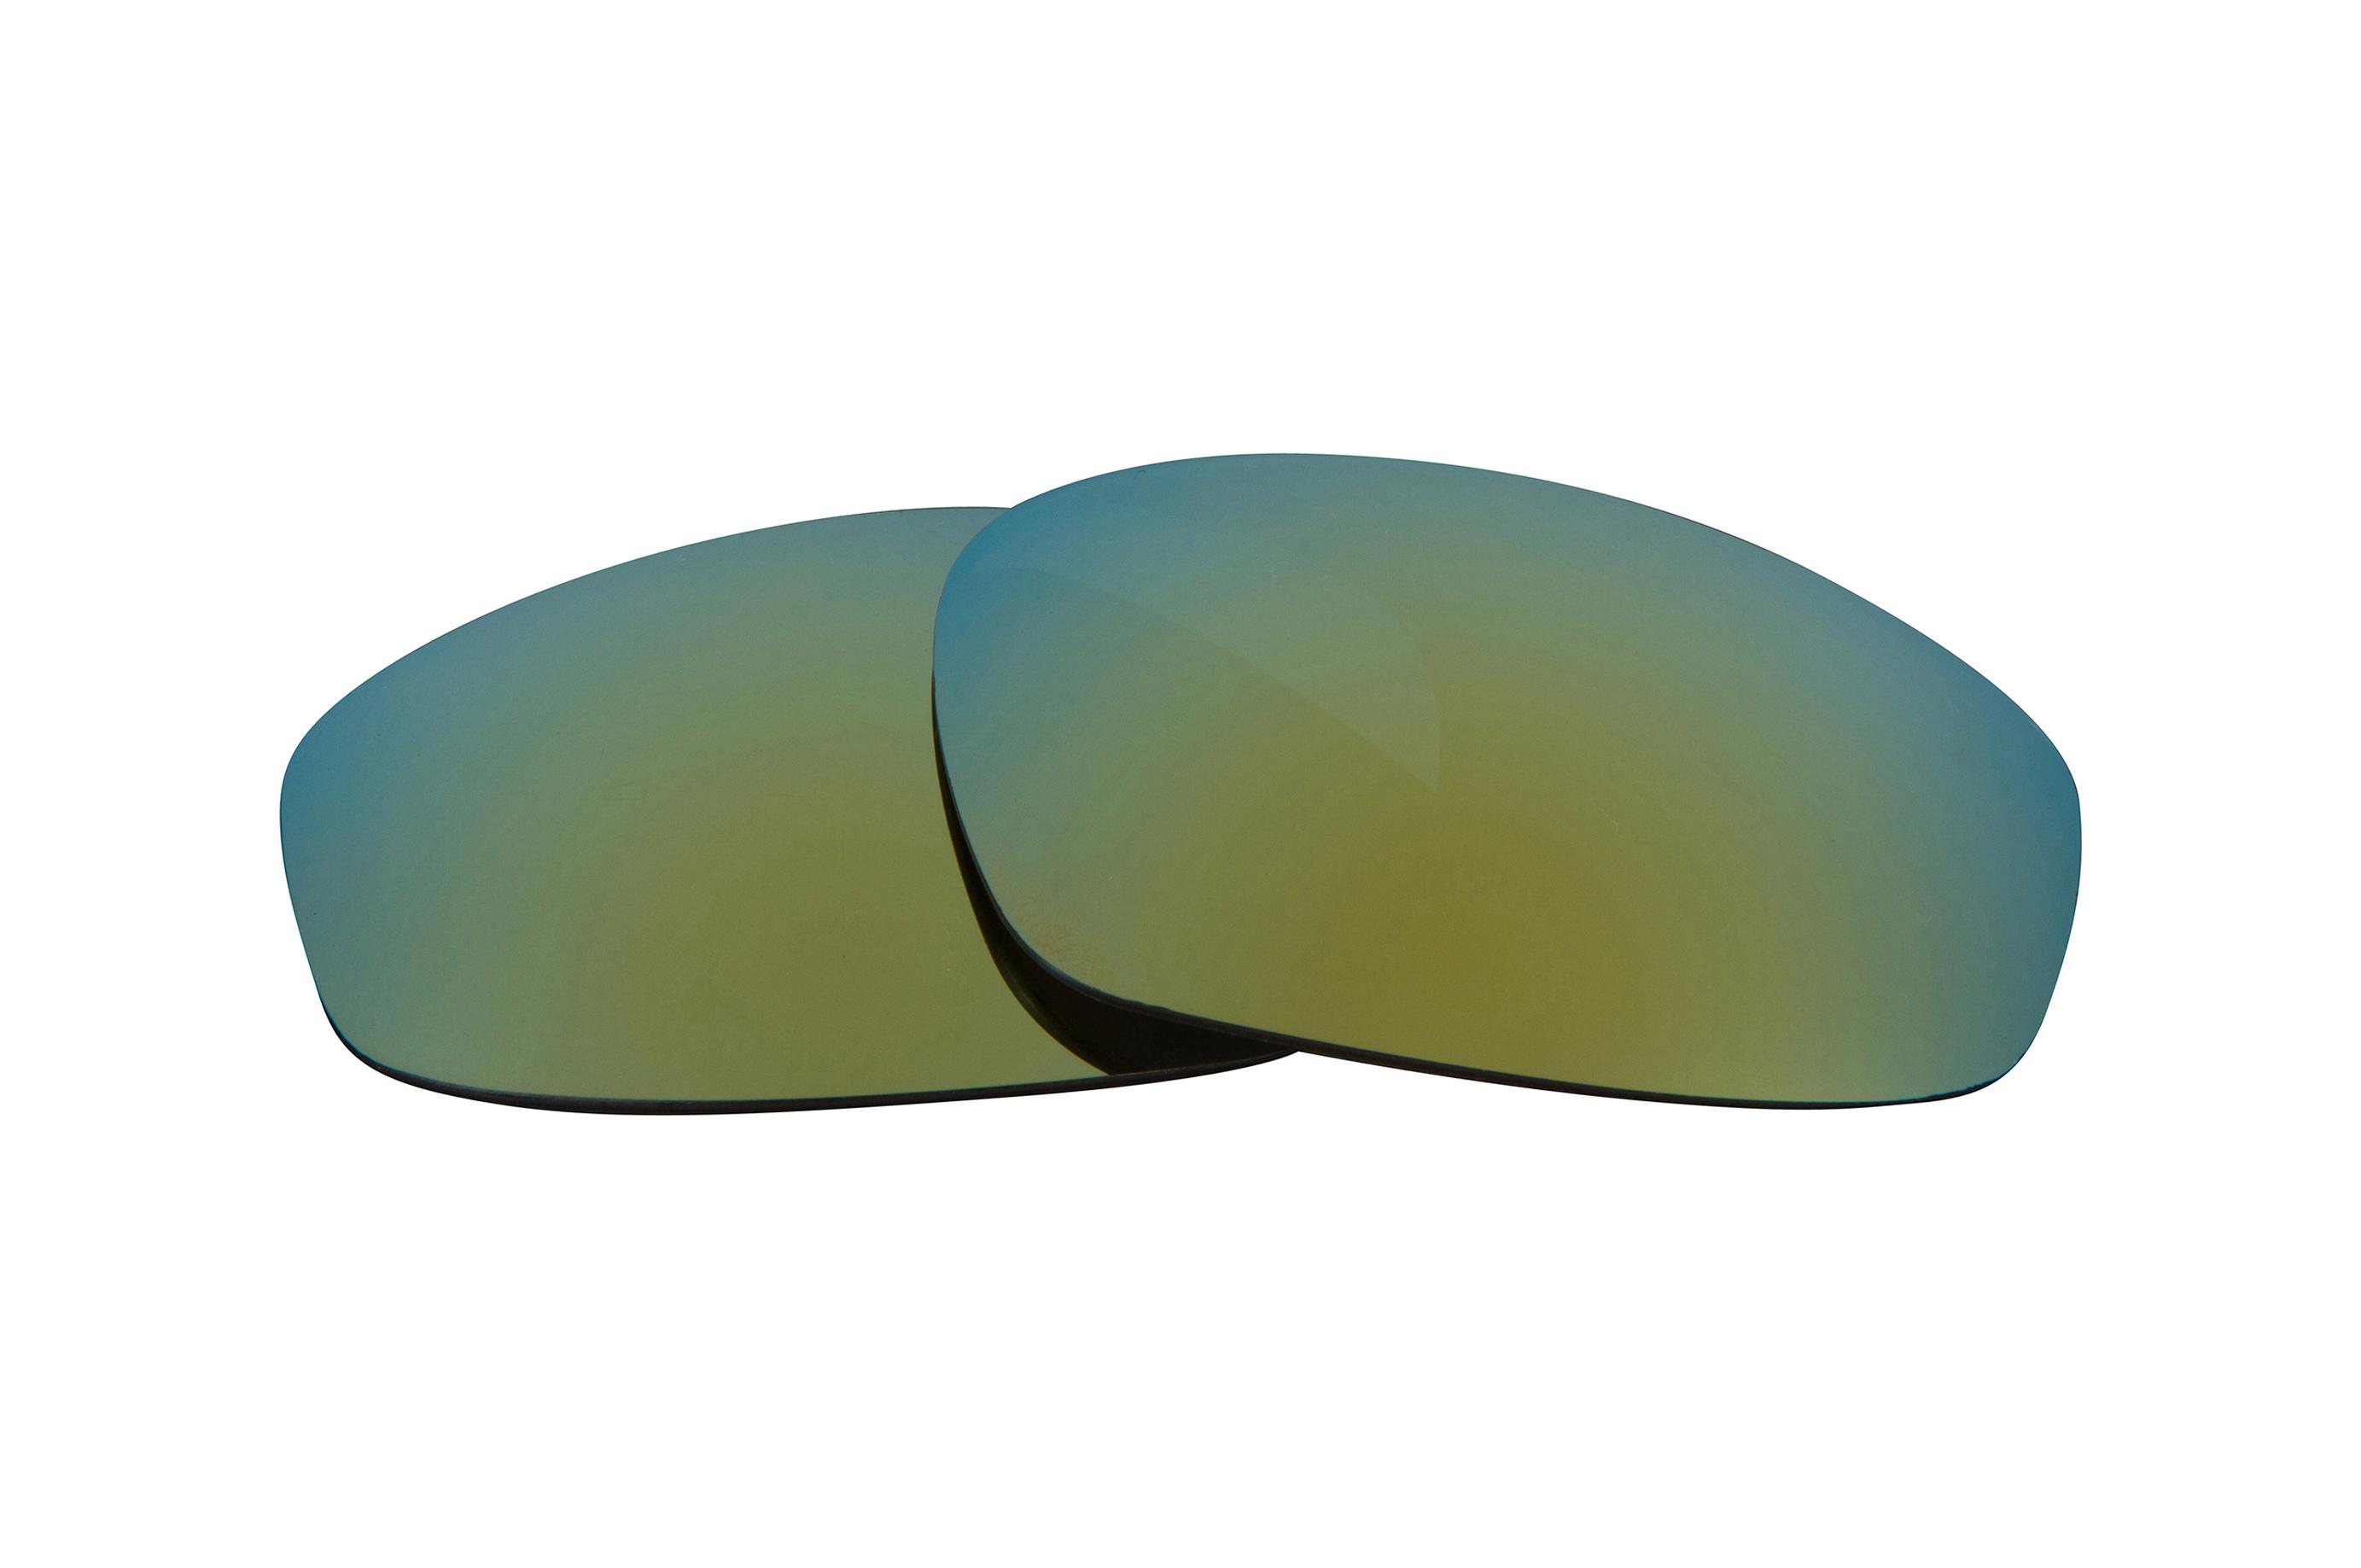 Nuovo seek lenti di ricambio per oakley split jacket verde - Specchio polarizzato ...